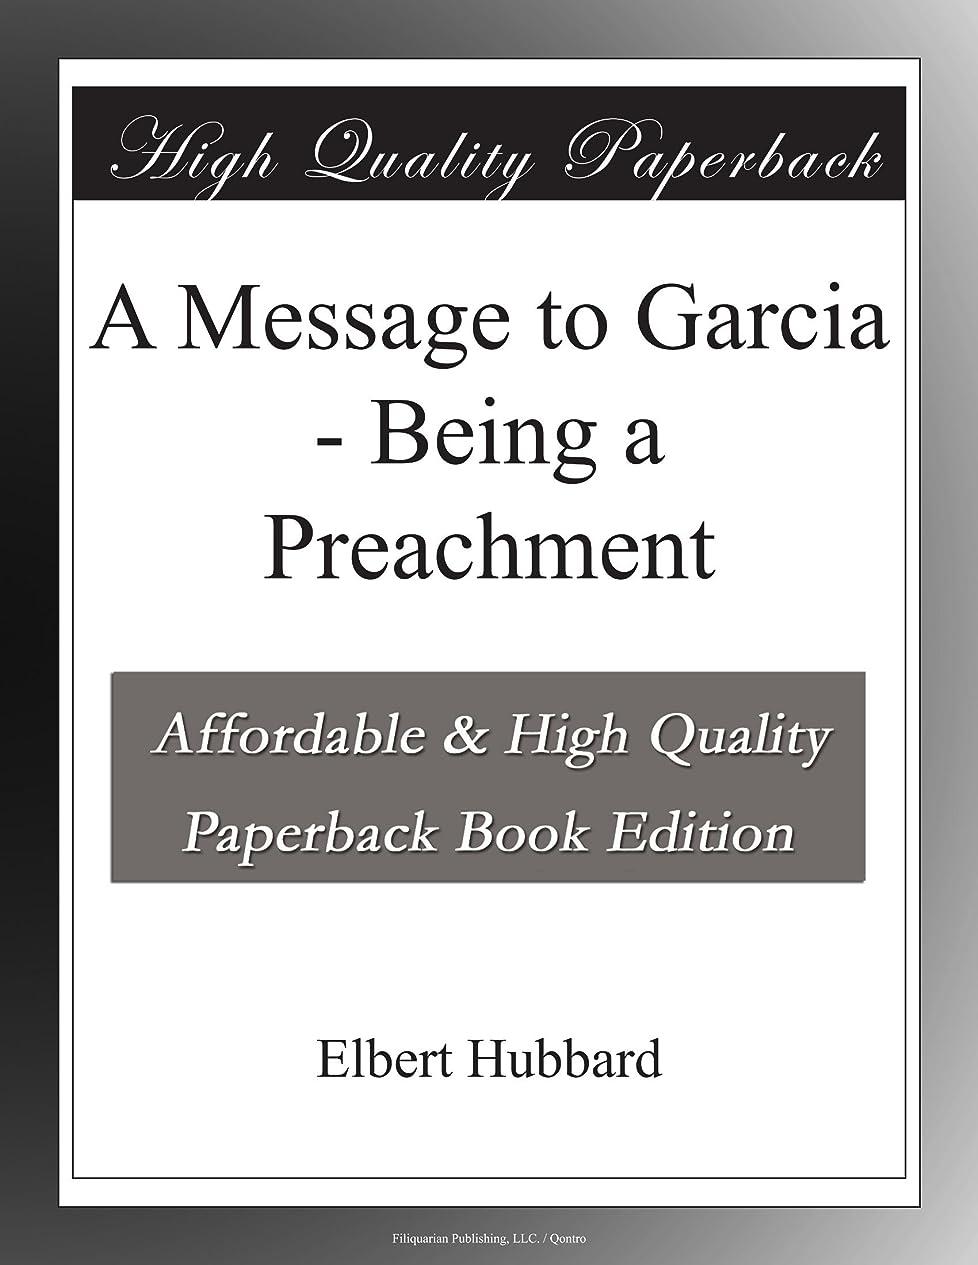 美的仮称ぞっとするようなA Message to Garcia - Being a Preachment